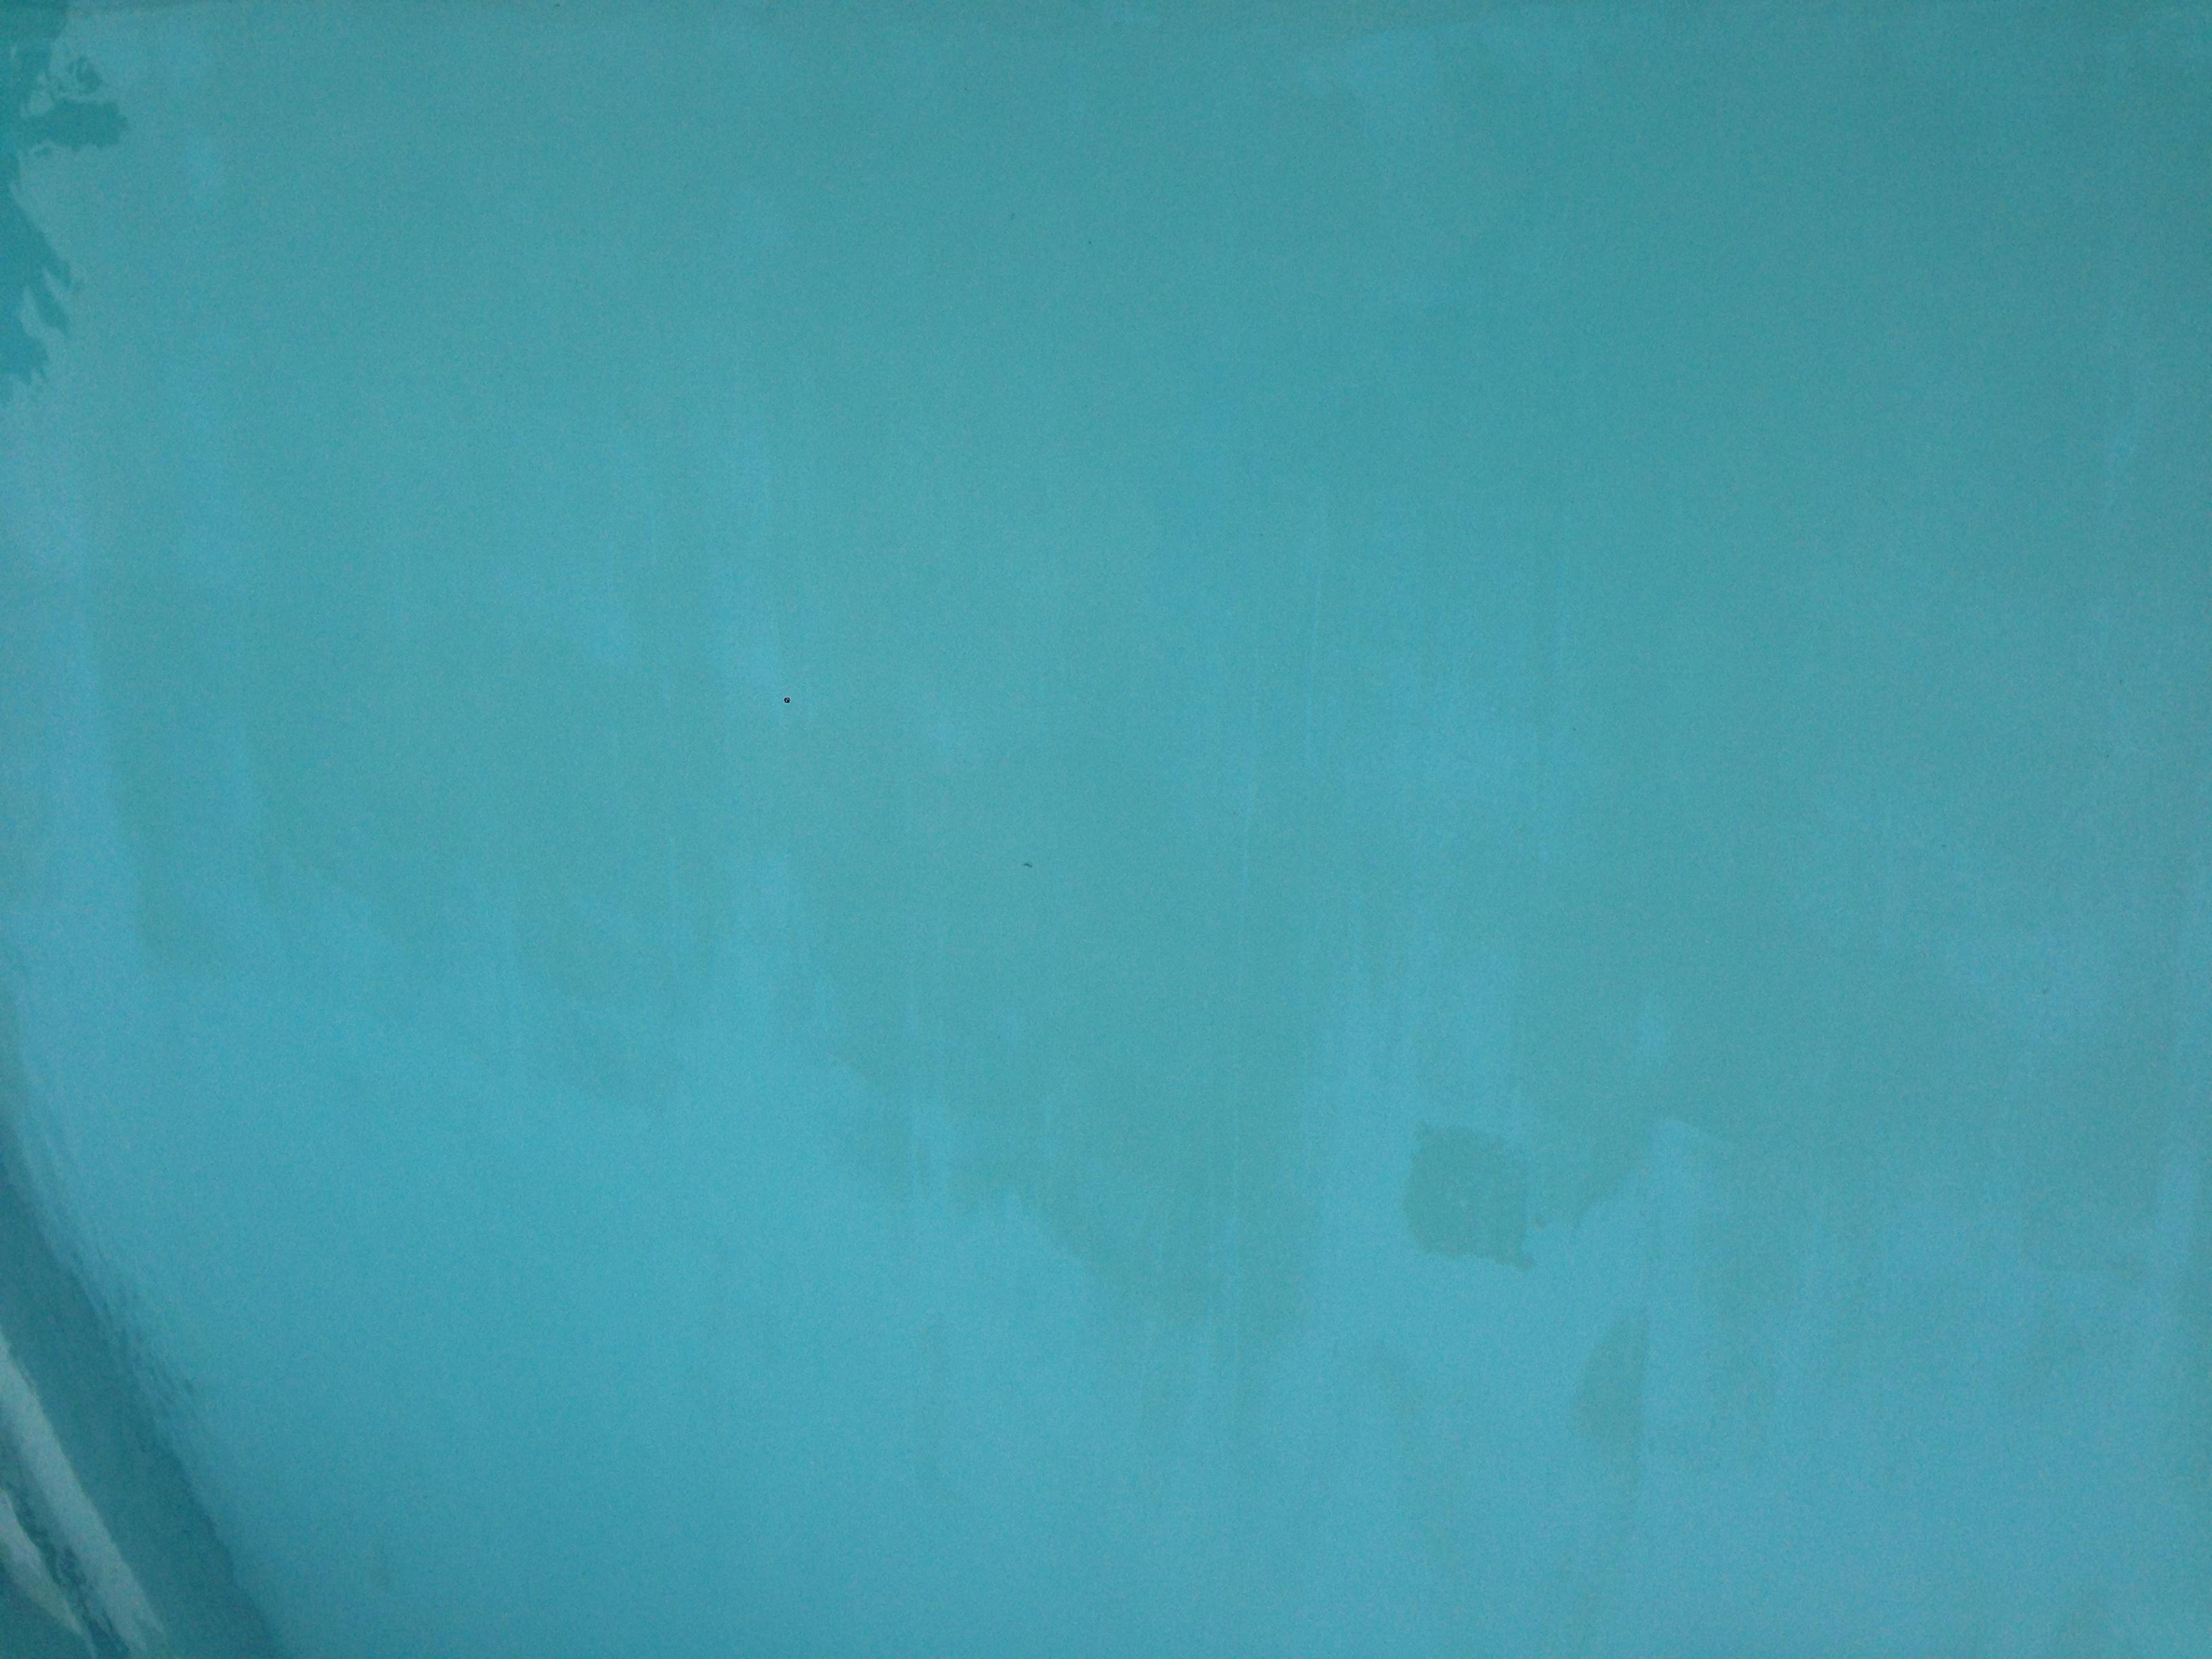 Aanslag probleem polyester zwembad zwembad forum - Zwarte voering voor zwembad ...